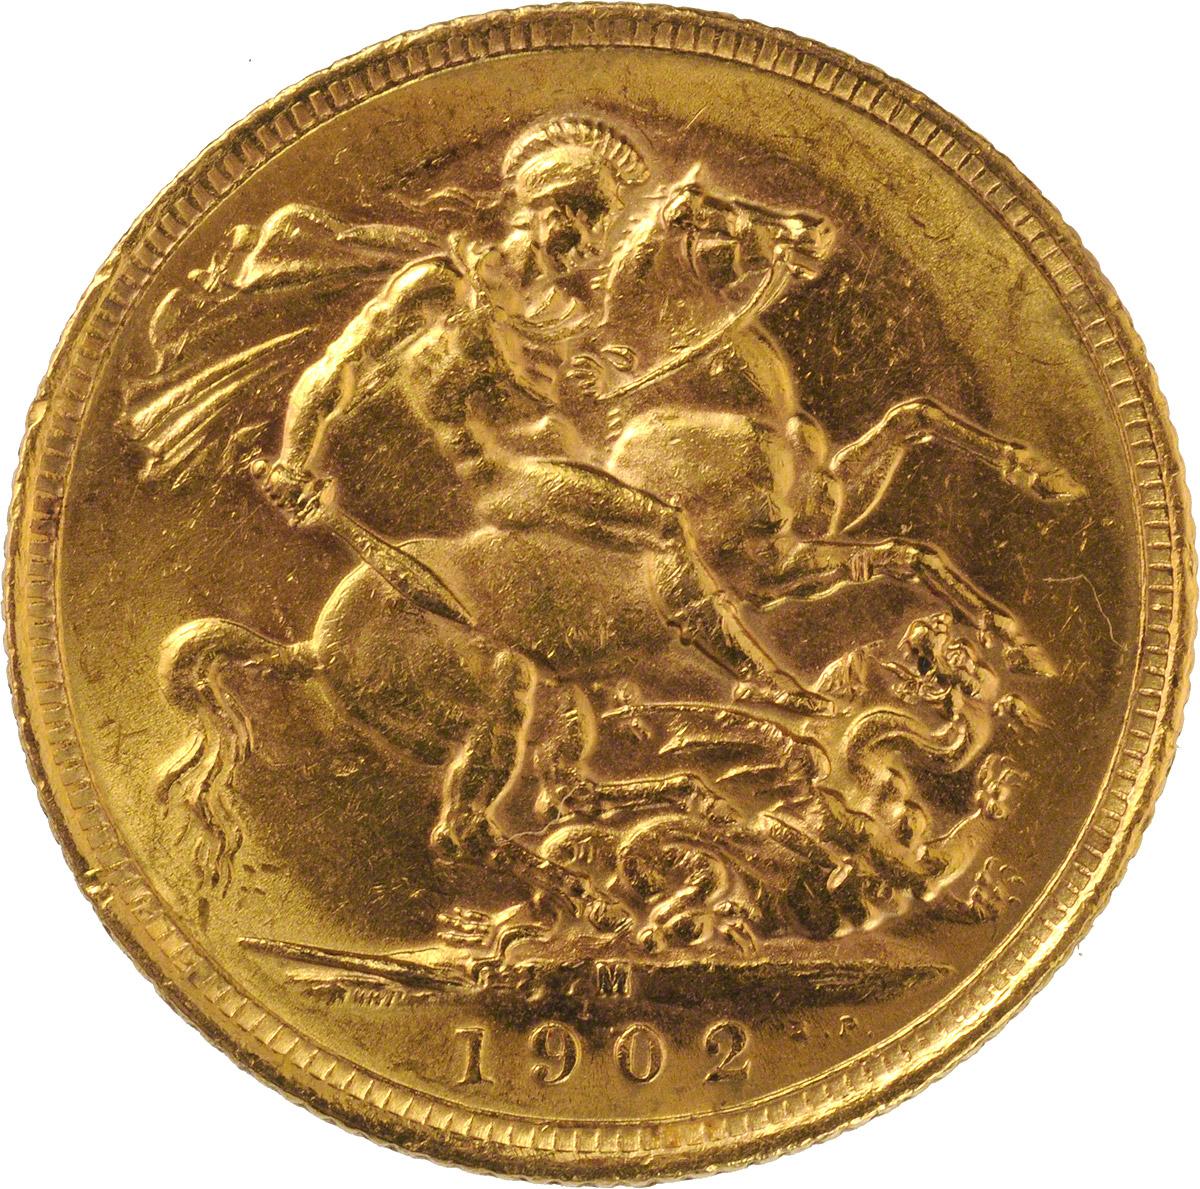 1902 Εδουάρδος Ζ' (Νομισματοκοπείο Μελβούρνης)